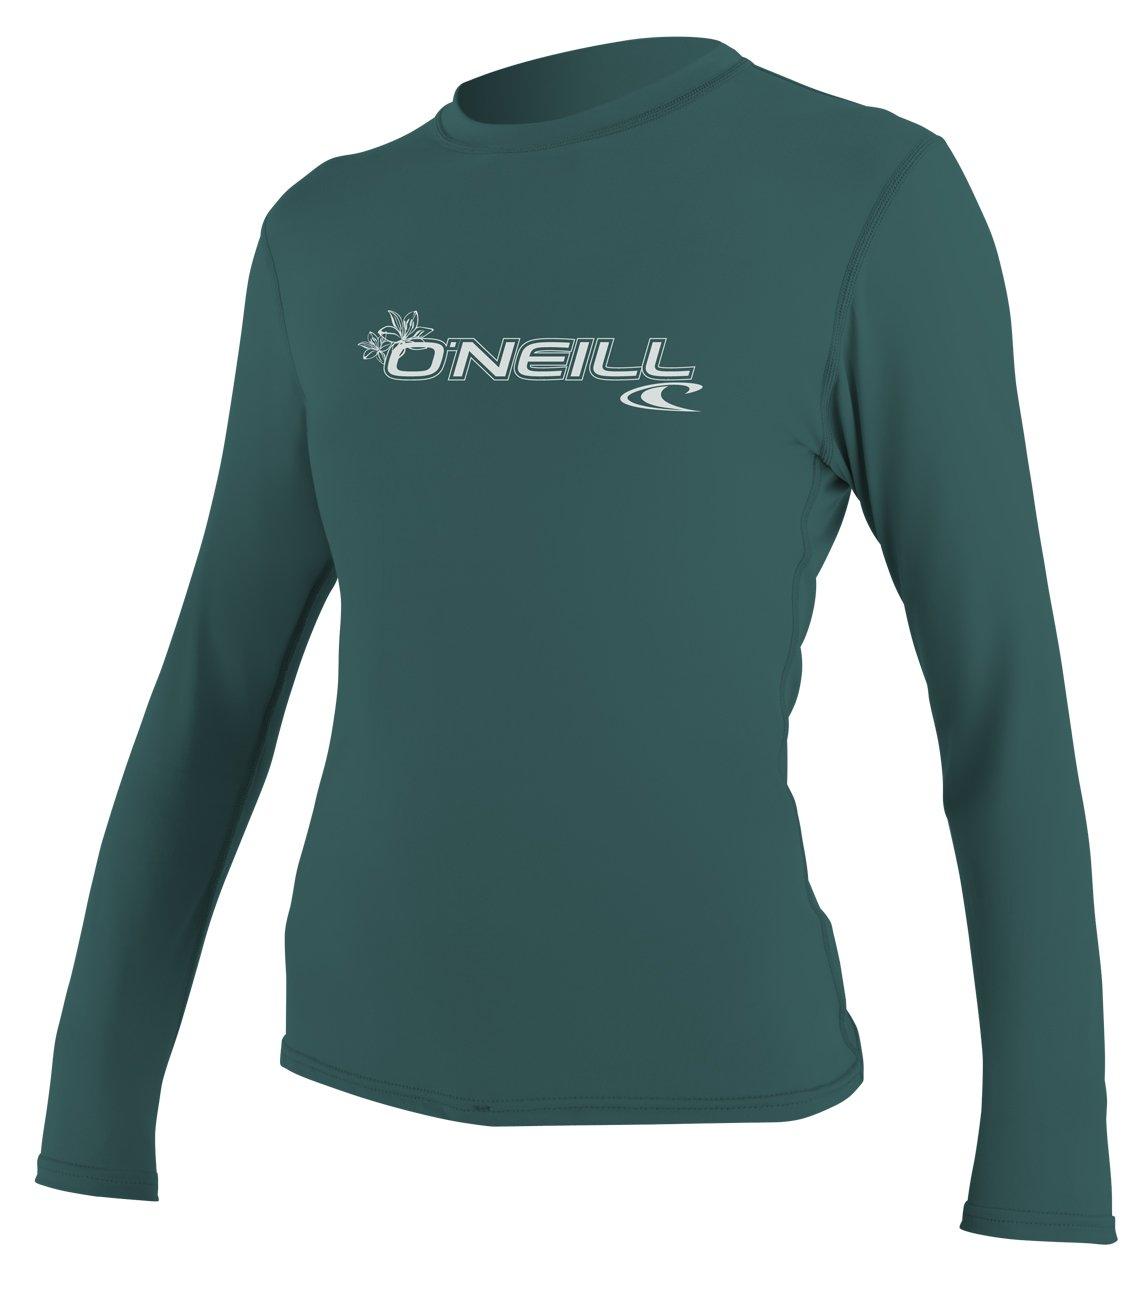 O'Neill Women's Basic Skins Upf 50+ Long Sleeve Sun Shirt, Deep Teal, Small